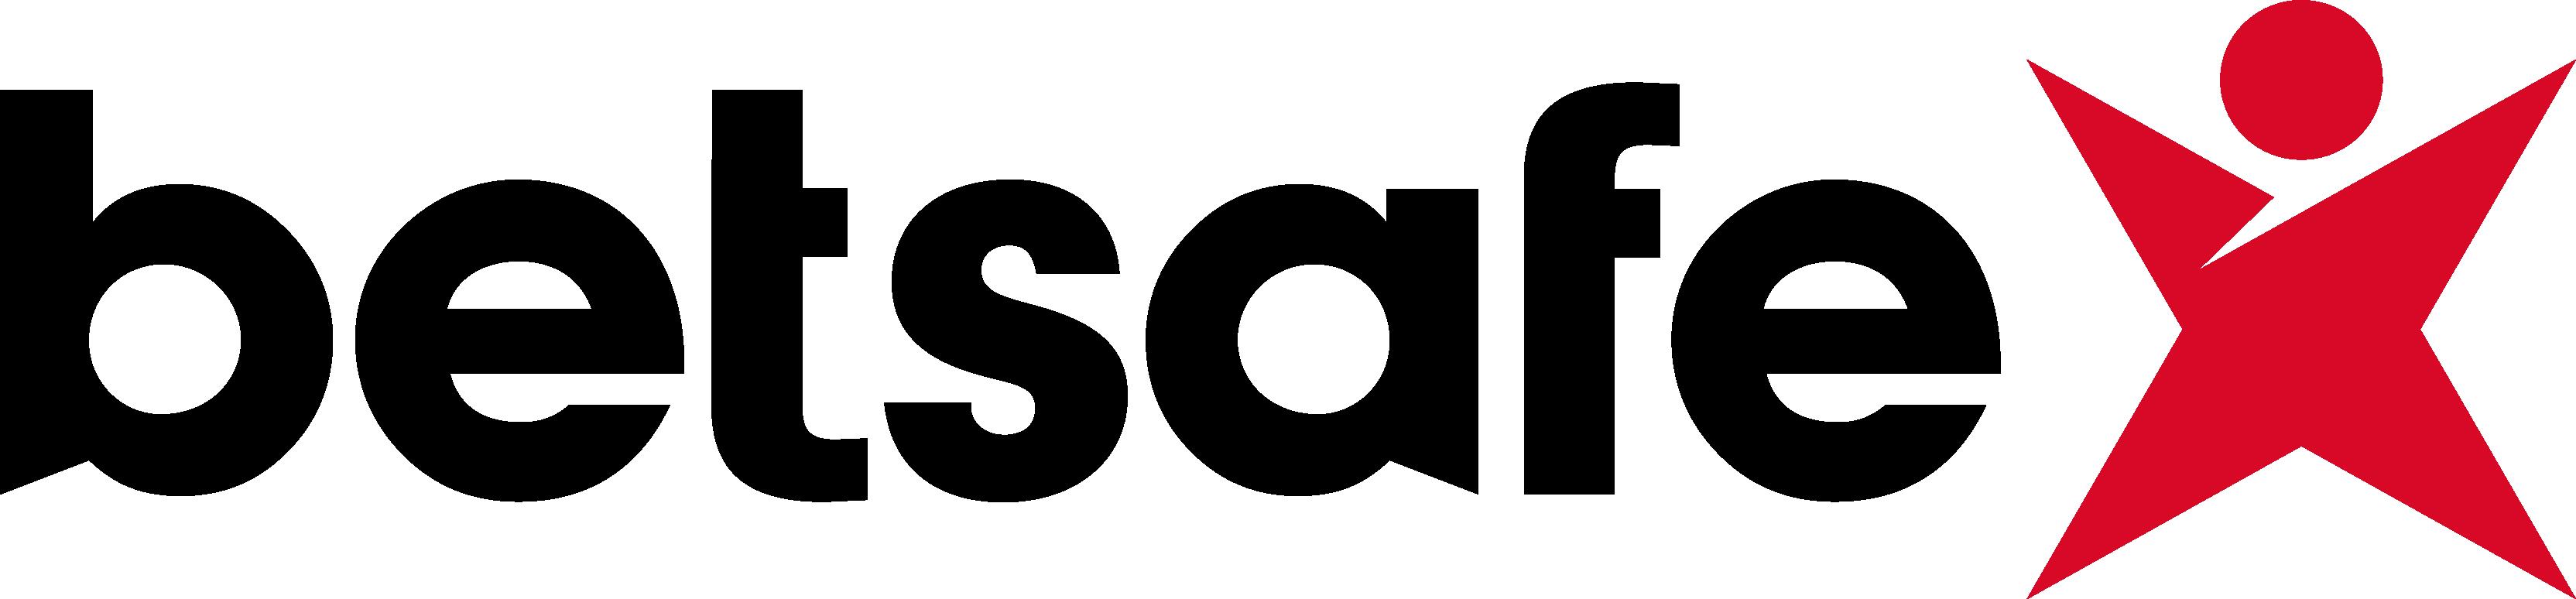 Betsafe